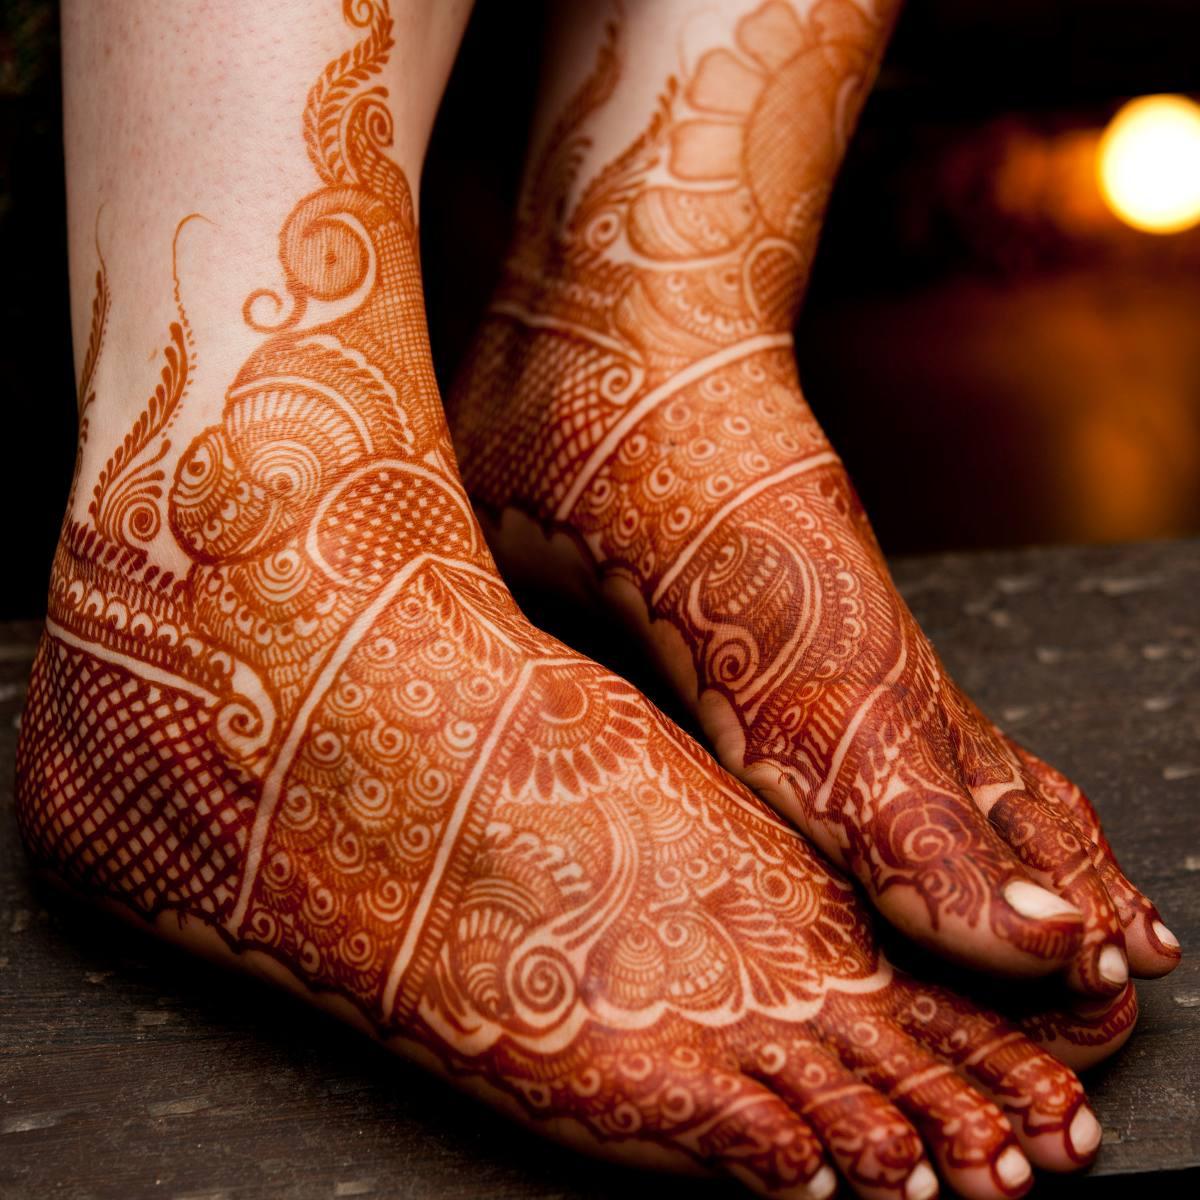 Donde Se Puede Comprar Henna Para Hacer Tatuajes cono henna en pasta para tatuajes temporales importada india - $ 400